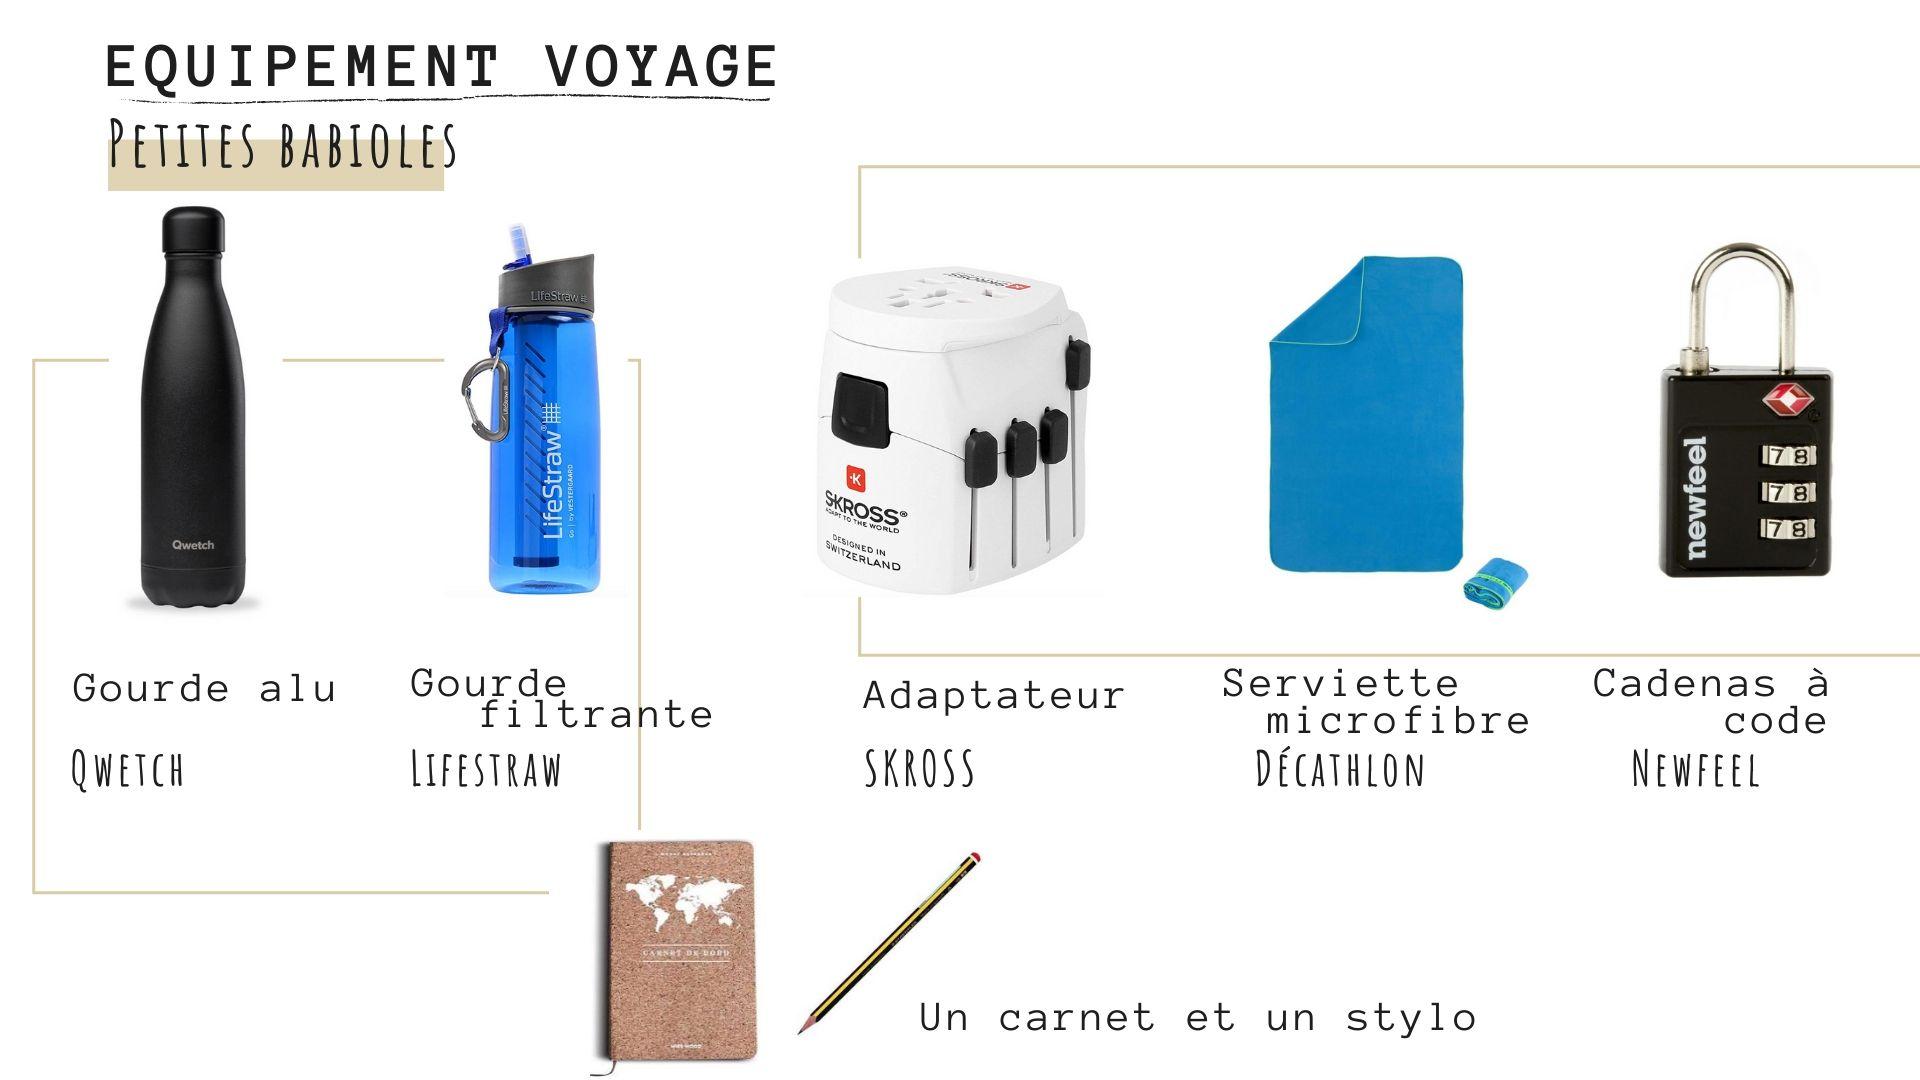 petit matériel utile en voyage